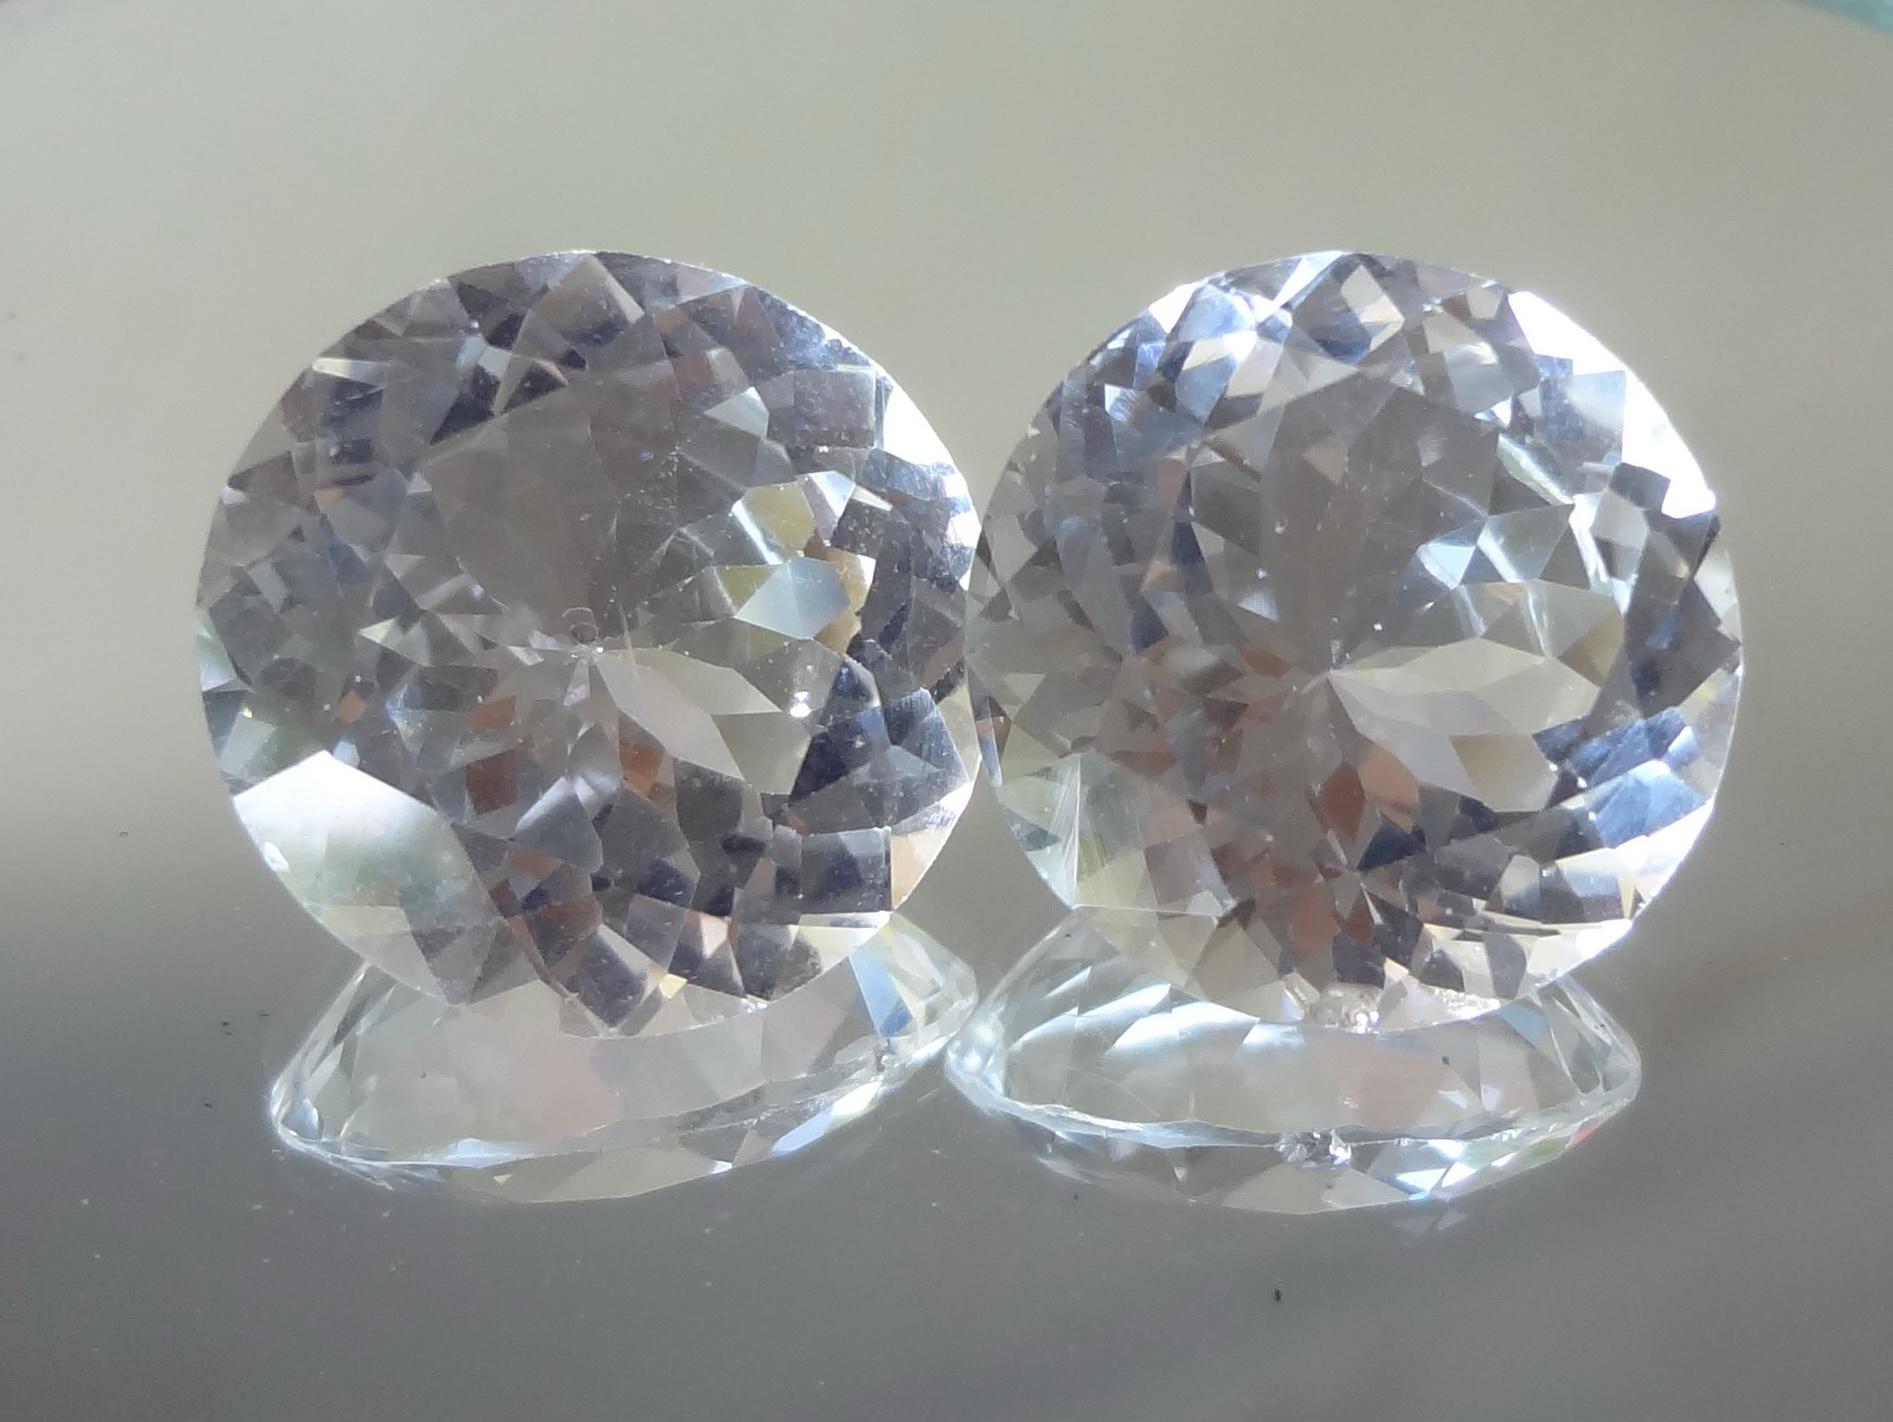 Buy Cheap White Topaz Round Diamond Cut For Earrings